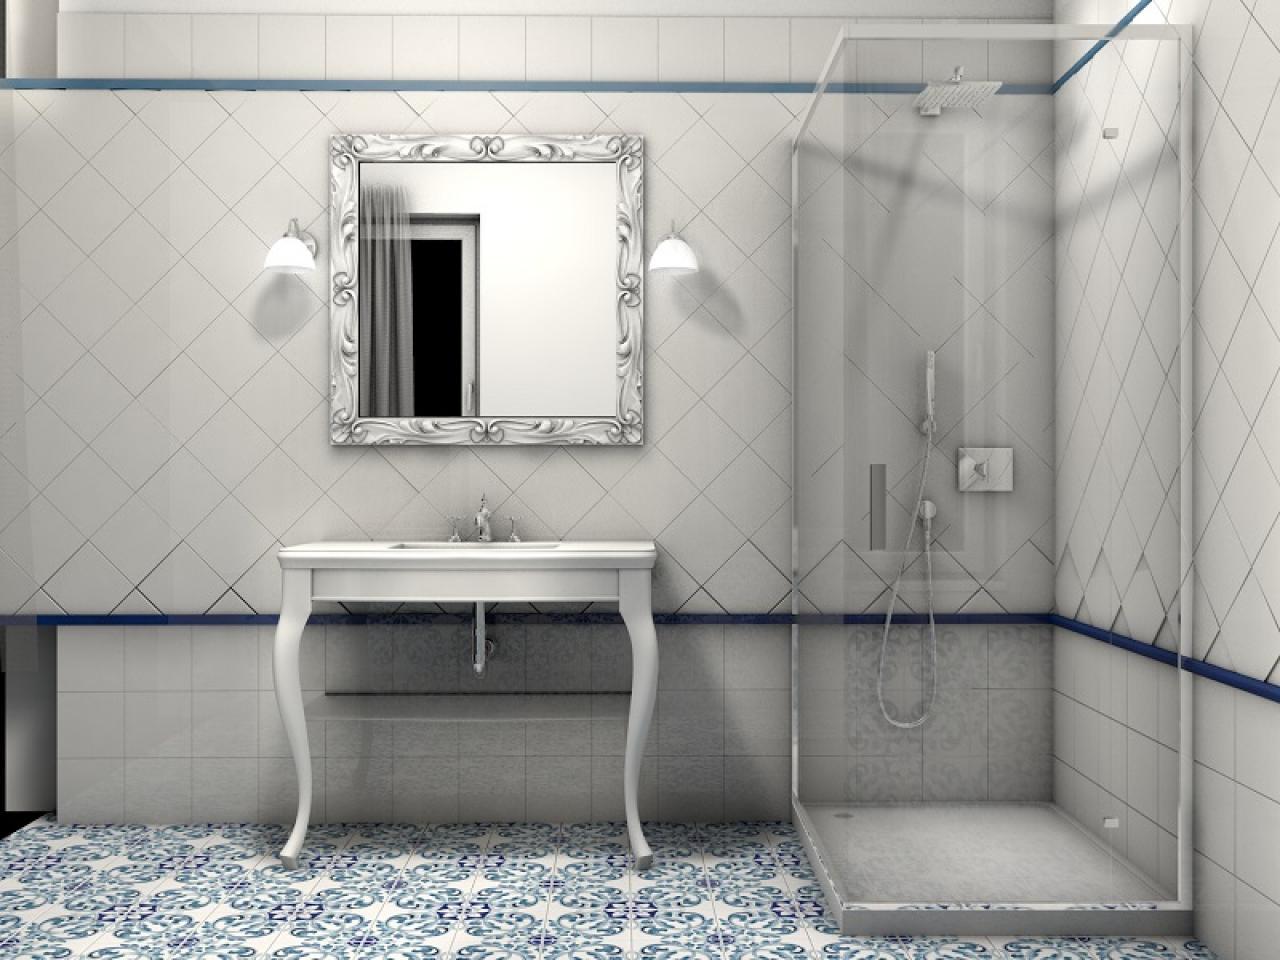 Come Si Chiama Vasca Da Bagno In Inglese : Stili bagno: guida fotografica per scegliere arredi e rivestimenti